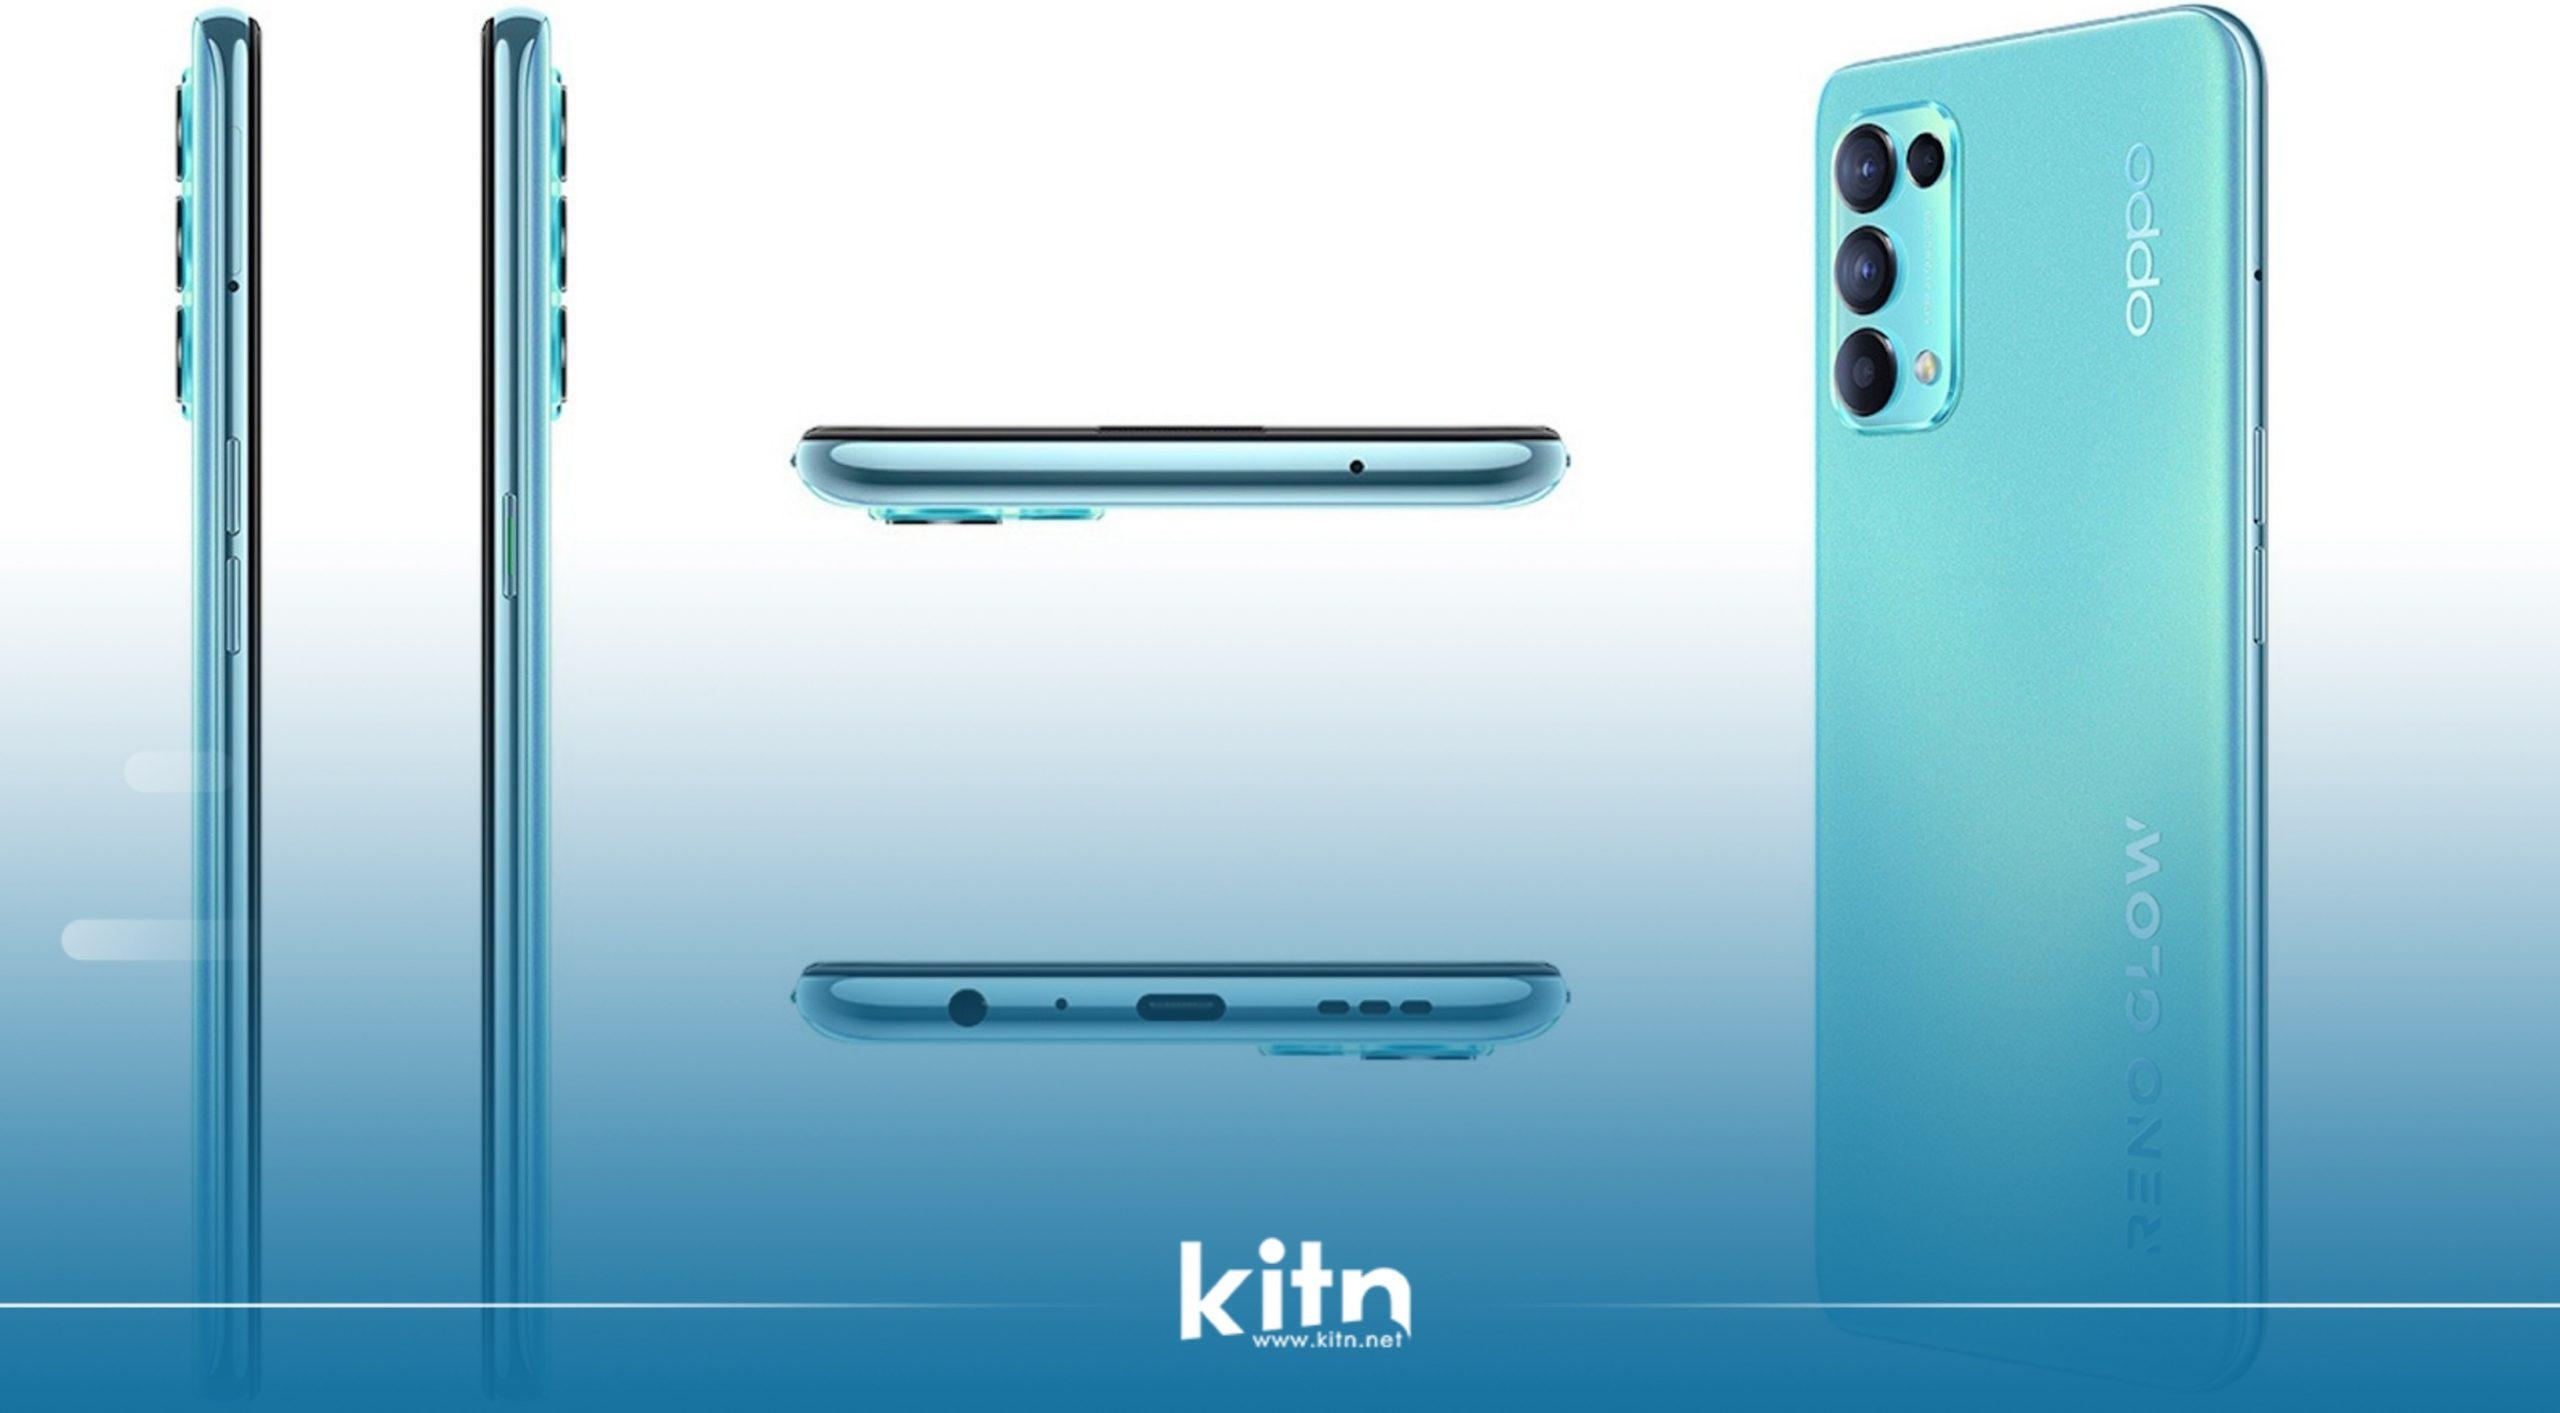 بە فەرمی مۆبایلی Oppo Reno5 K 5G بە چیپسێتی سناپدراگۆن 750G و بارگاوی کەرەوەی 65 وات و زیاترەوە نمایش کرا